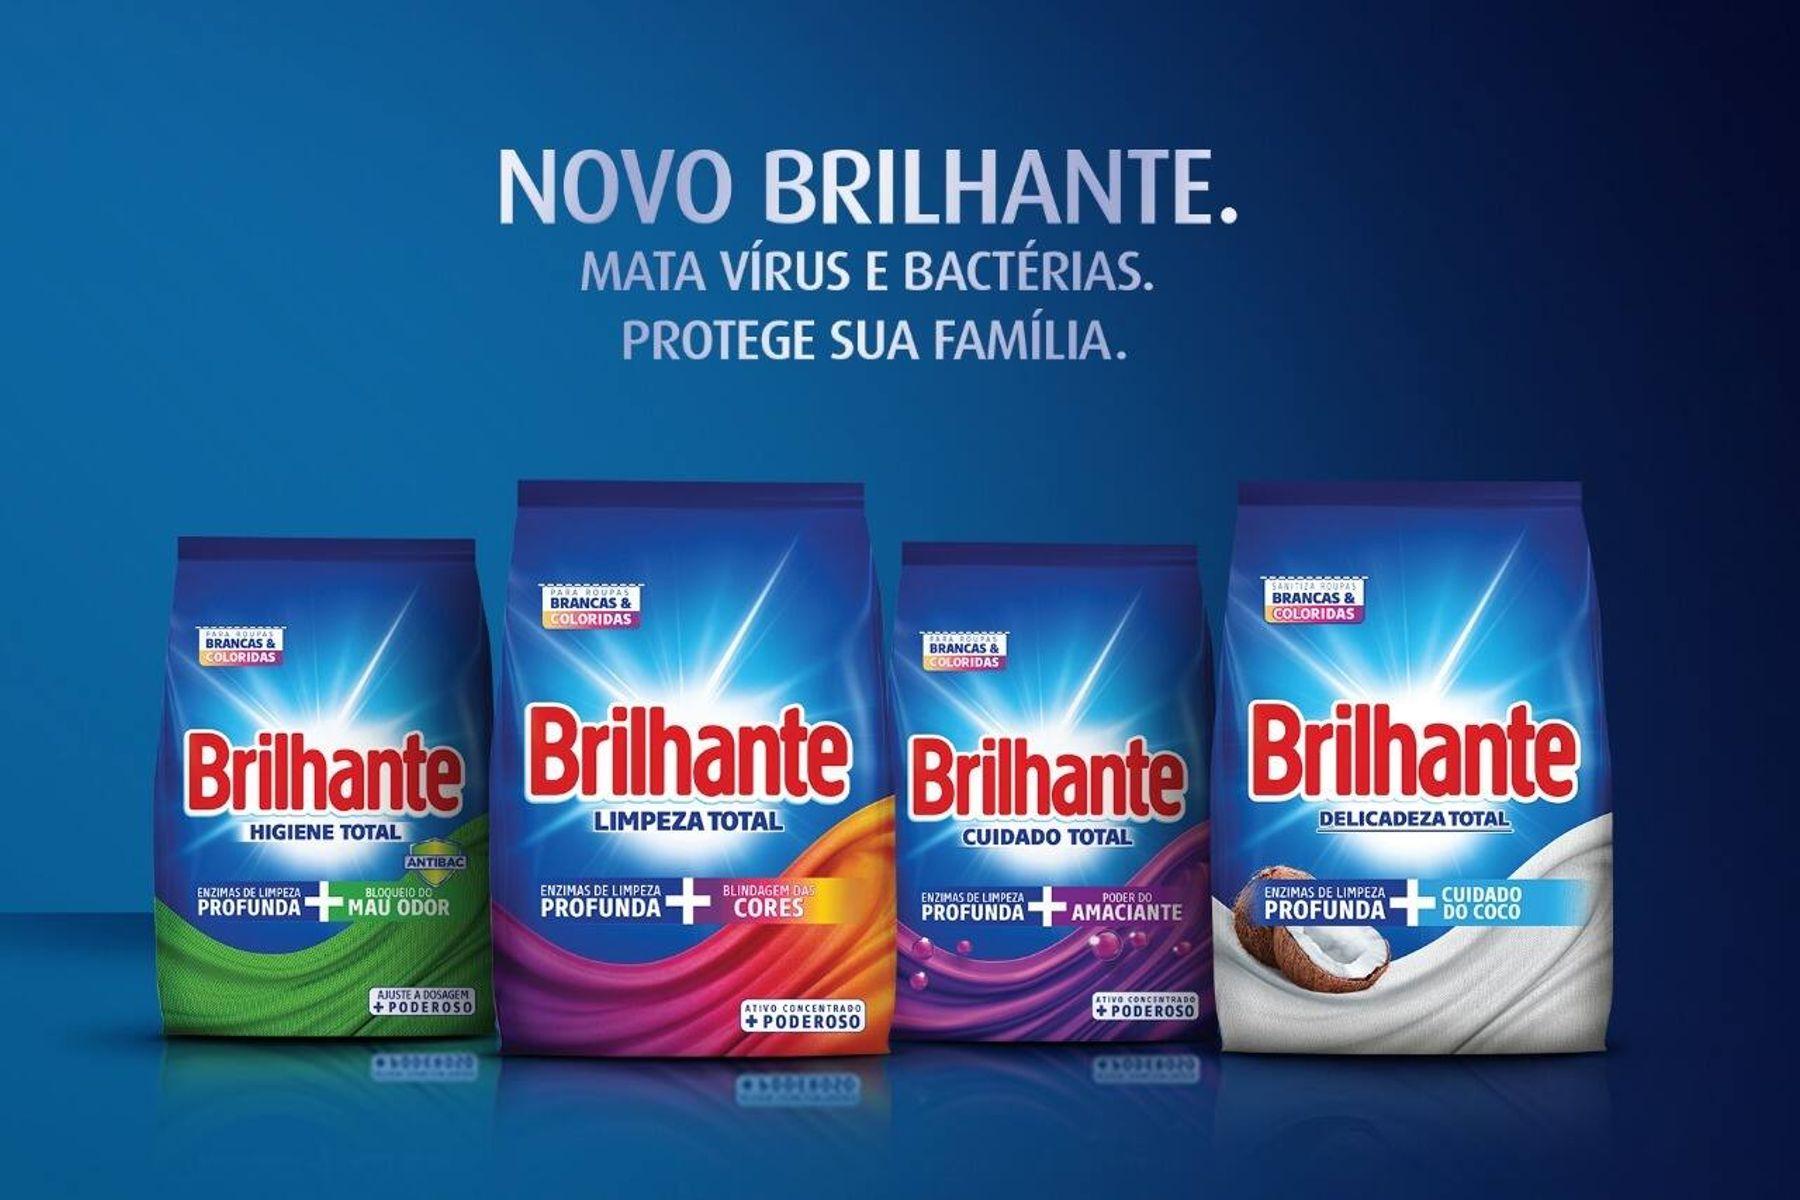 Nova linha de produtos Brilhante